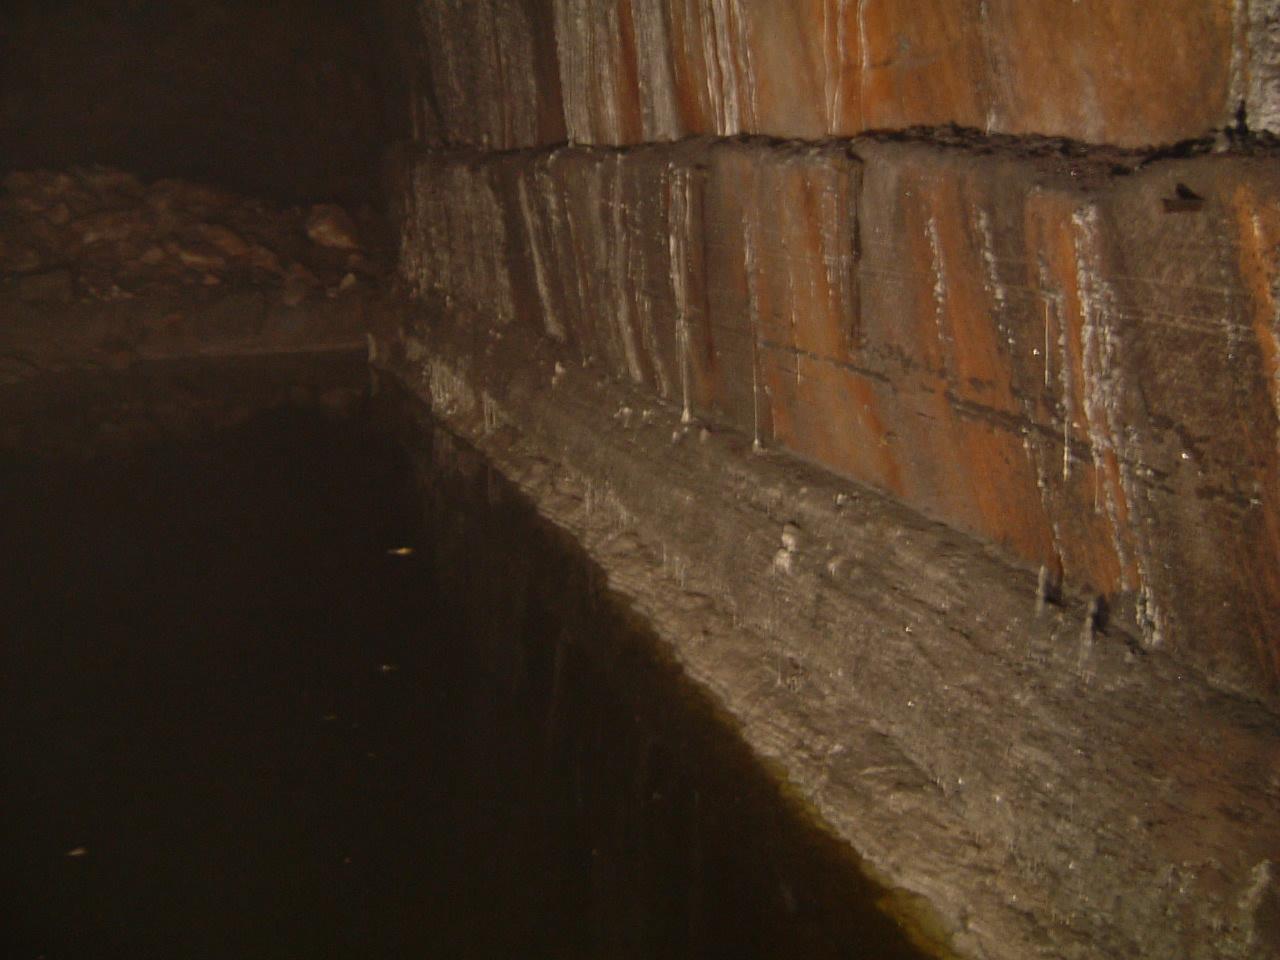 Natrium-Sammel-Becken 2